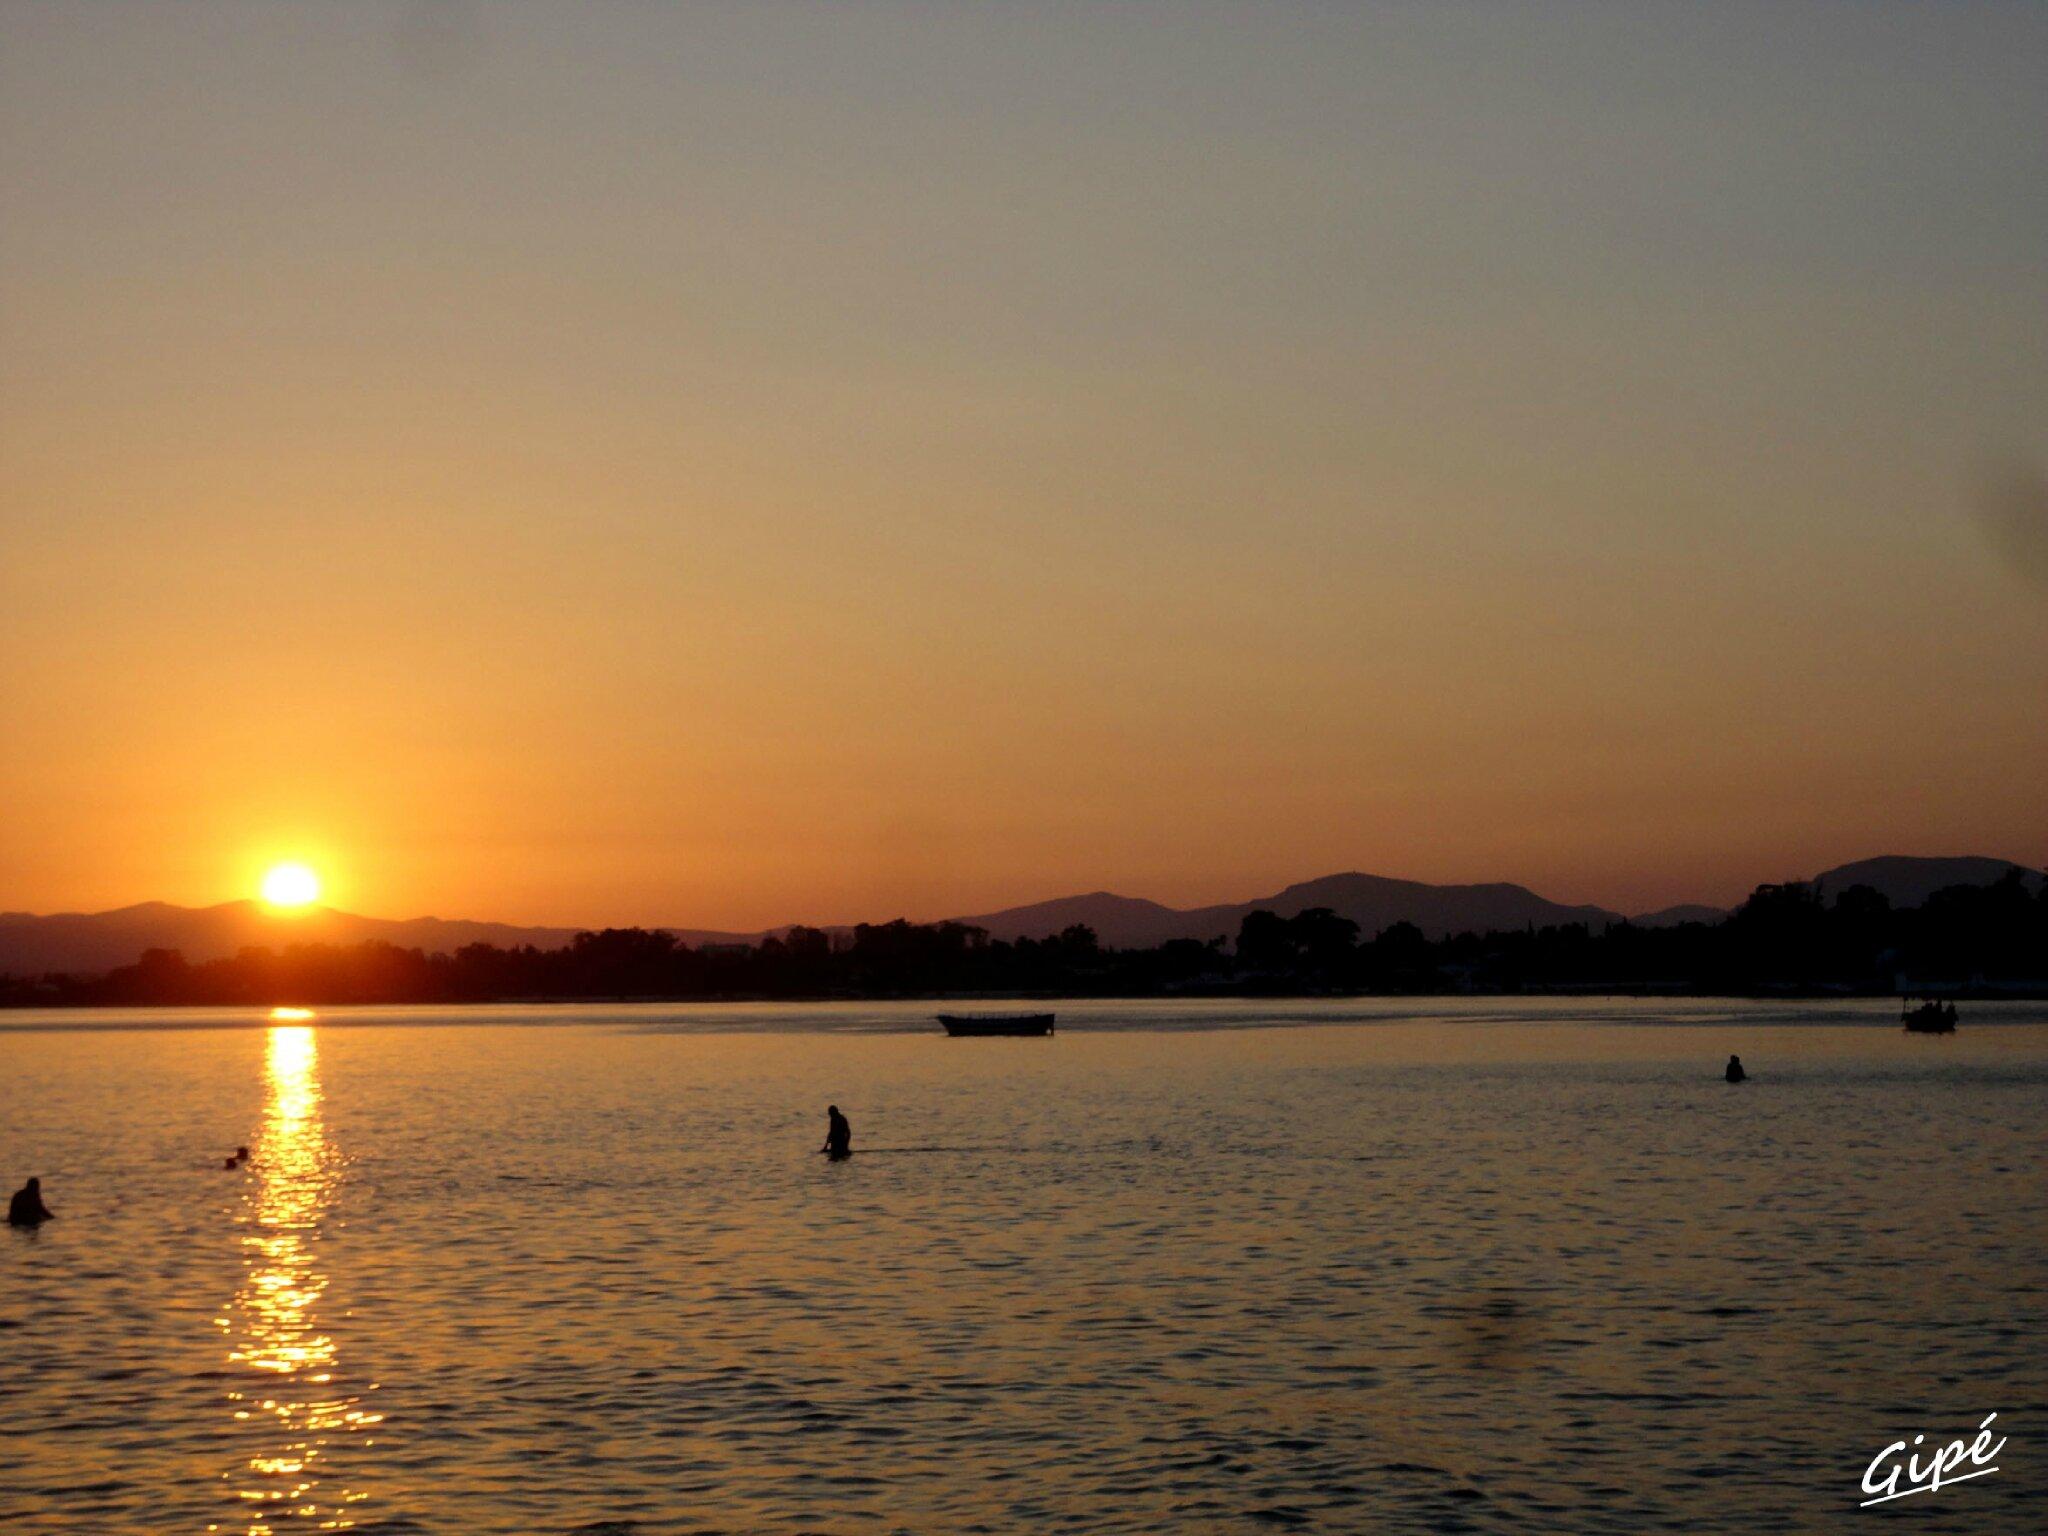 Coucher de soleil du lundi 15 juillet 2013